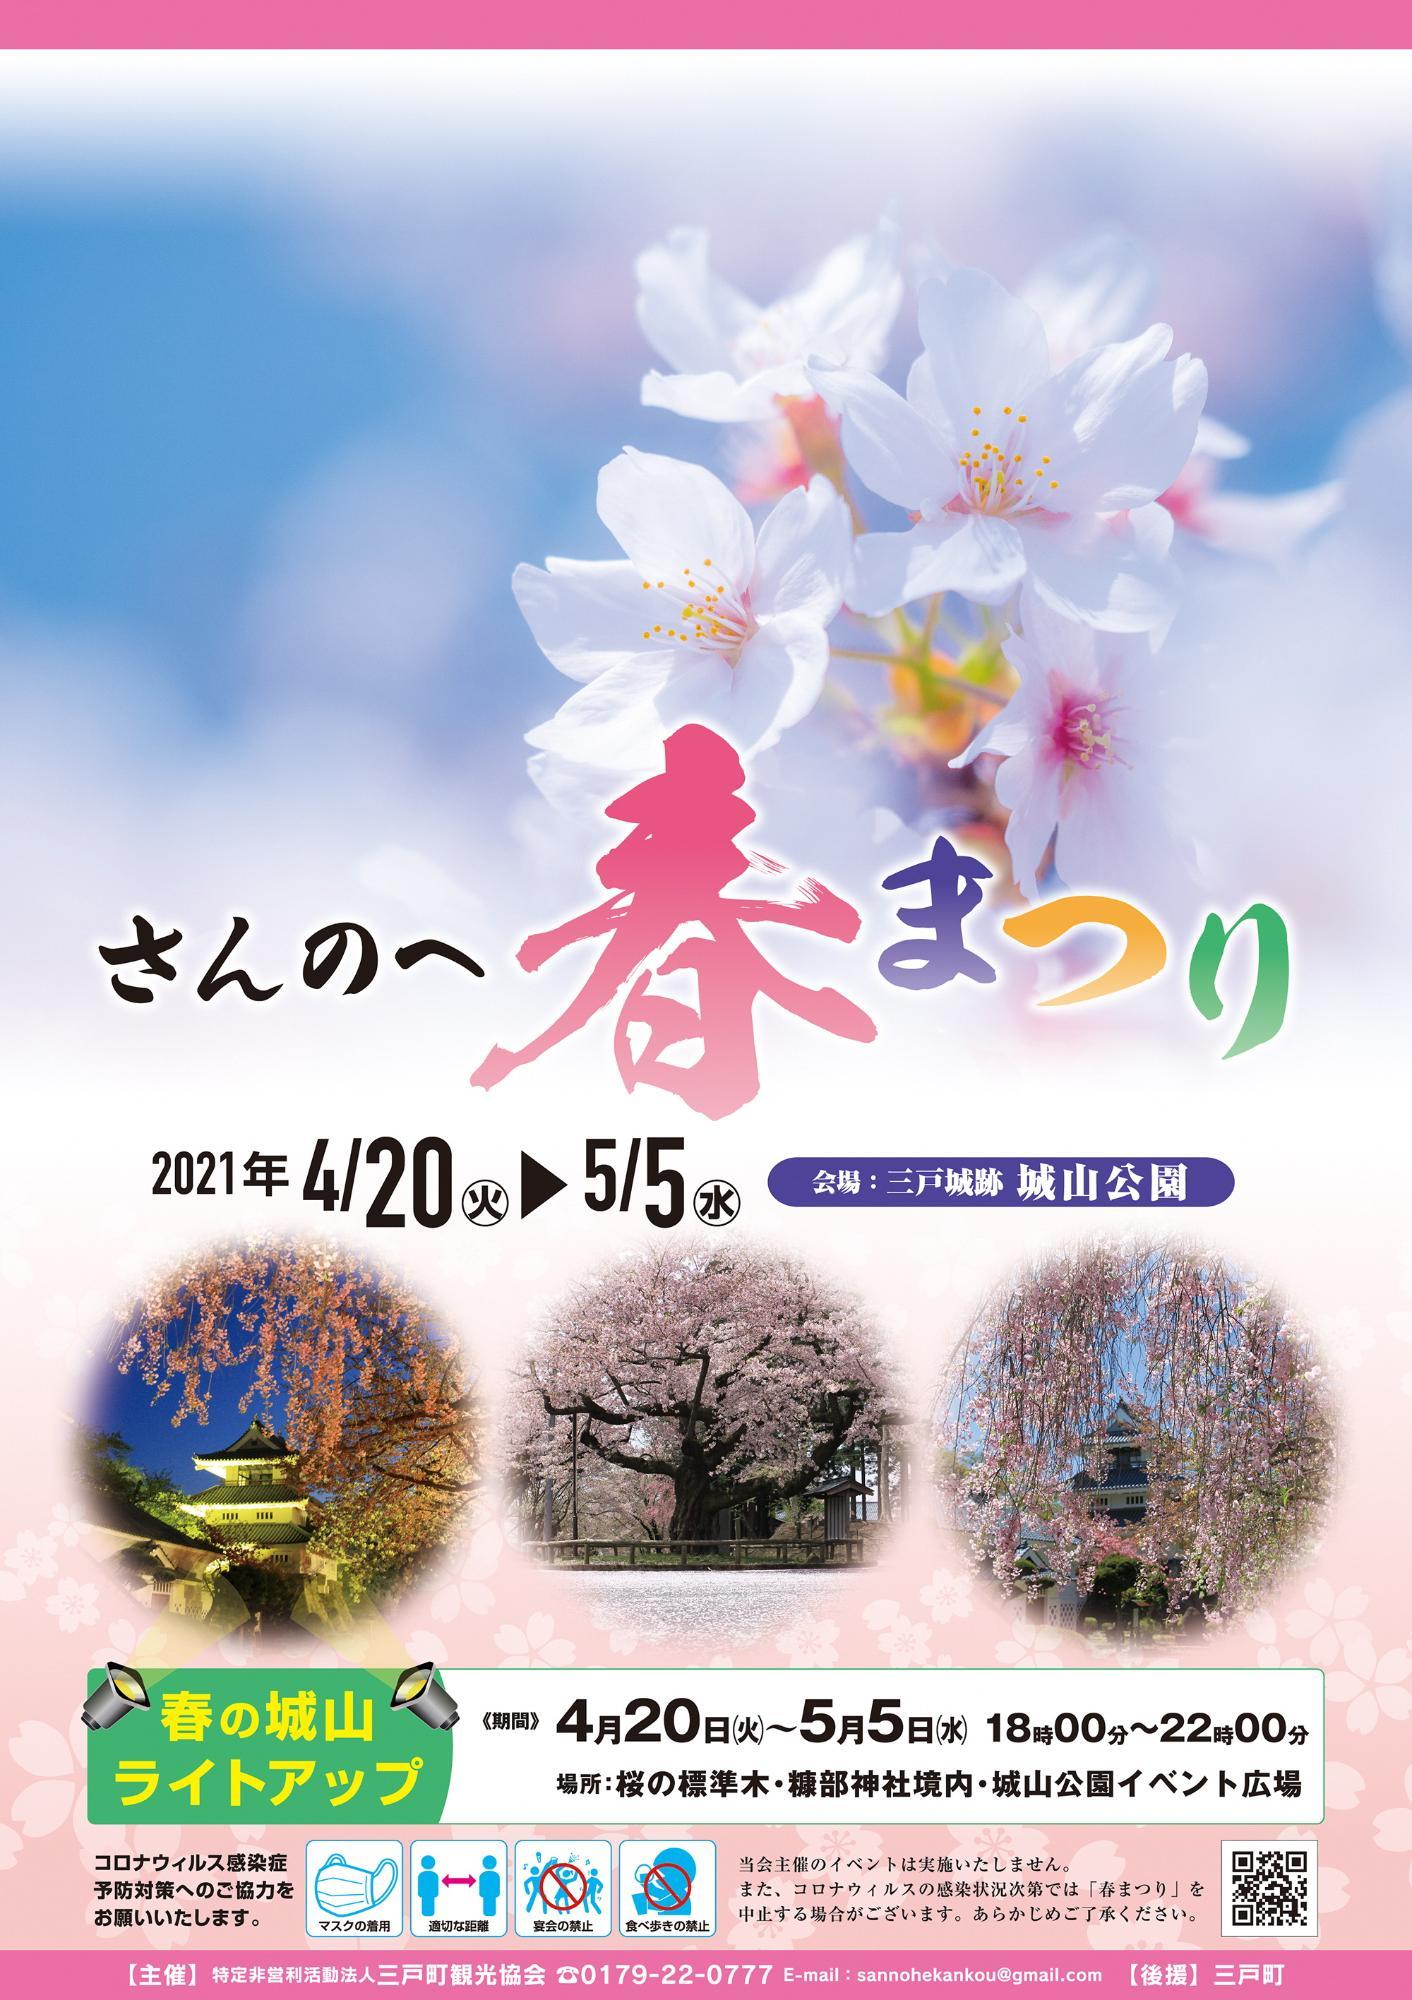 2021年(令和3年)さんのへ春まつり 城山公園 開催